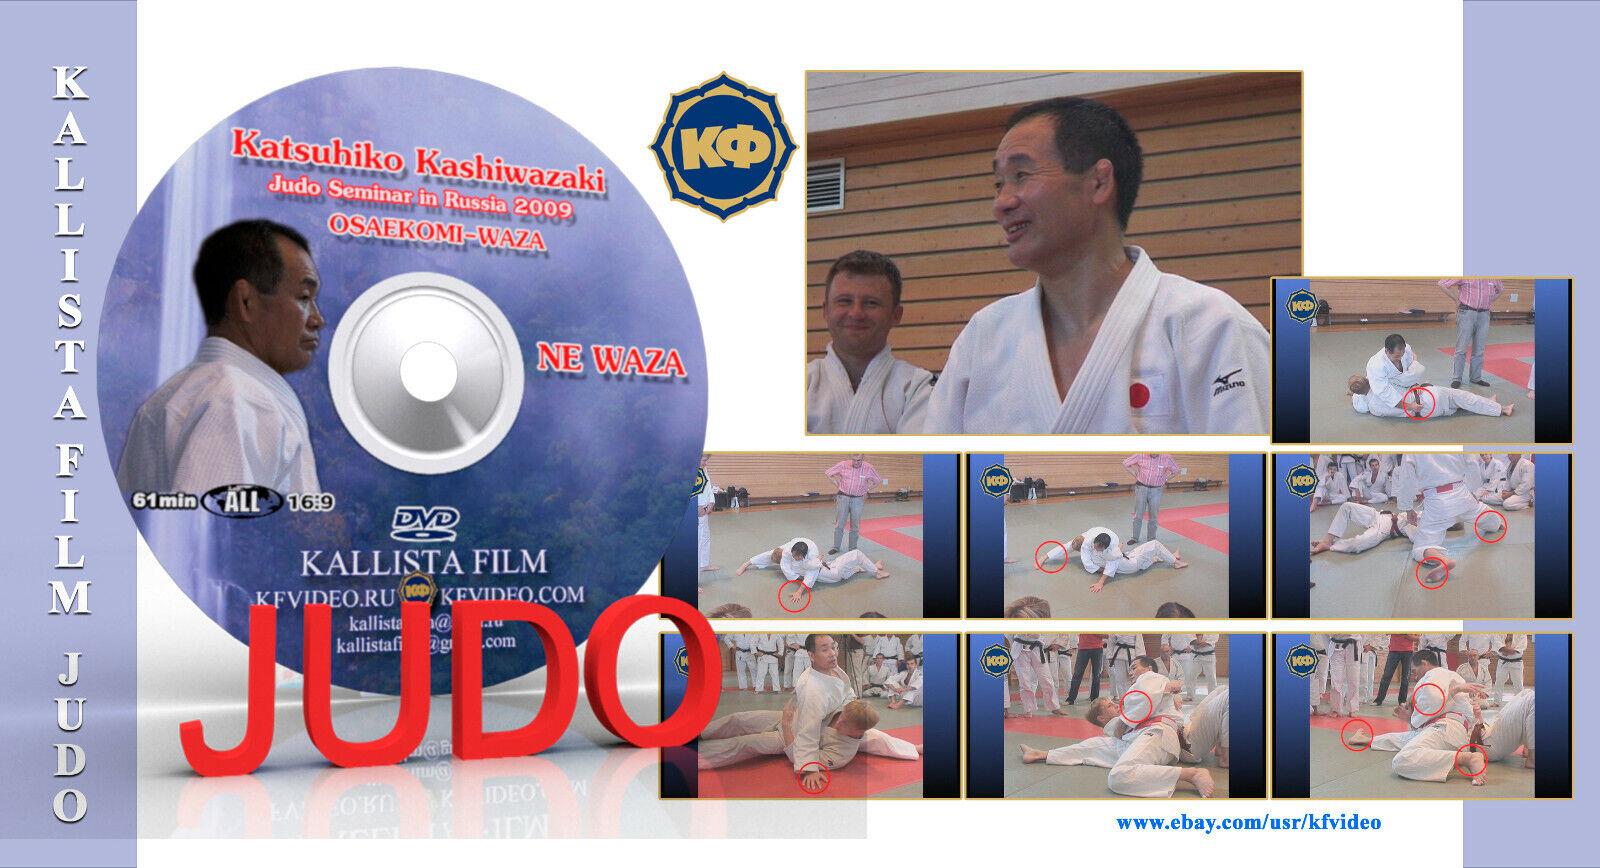 K Kashivazaki Movie 5. Judo NE-WAZA Technology of fight lying